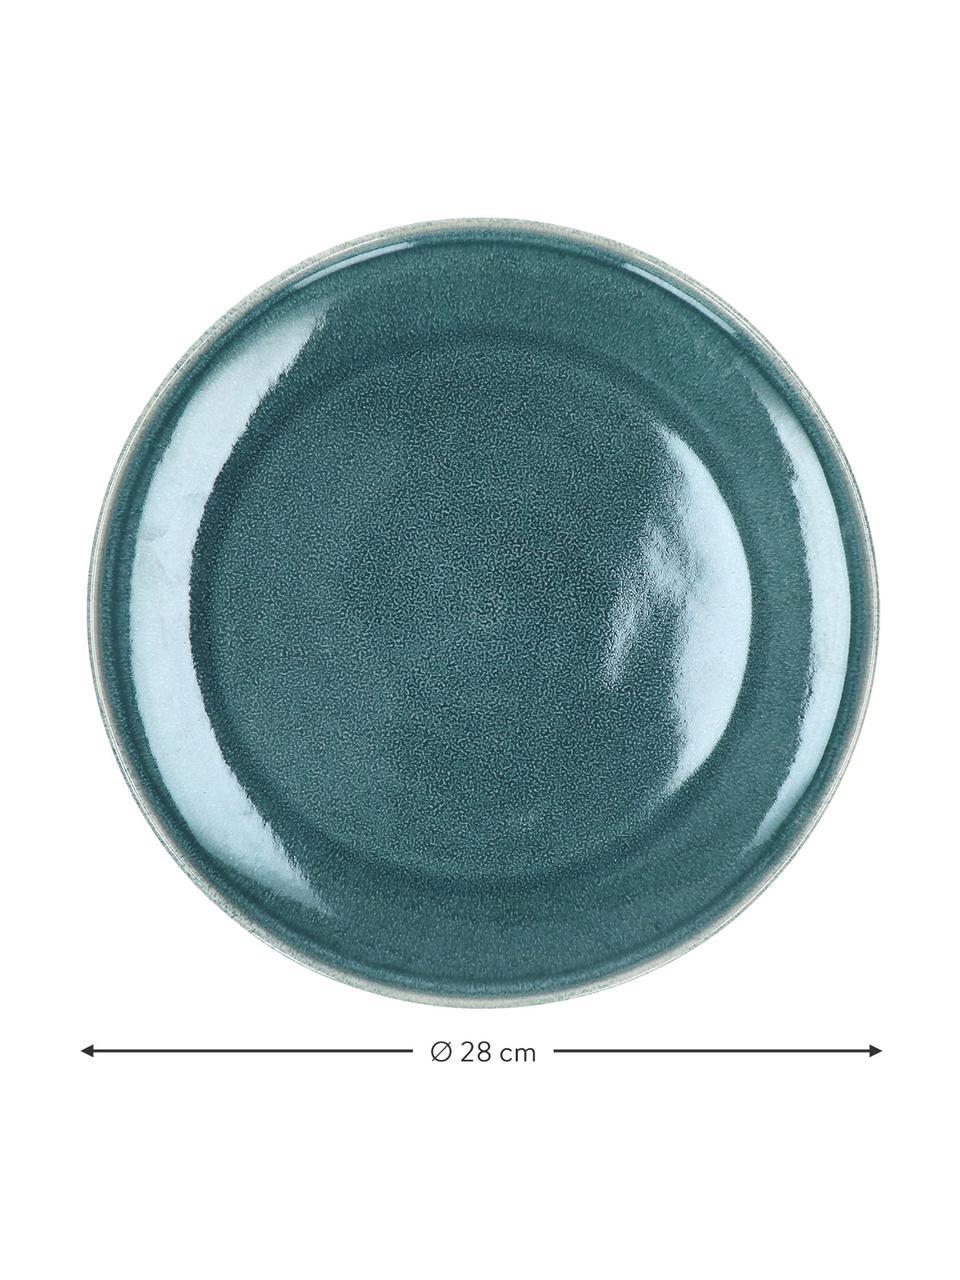 Talerz duży z kamionki Audrey, 2 szt., Kamionka, Zielononiebieski, Ø 28 cm